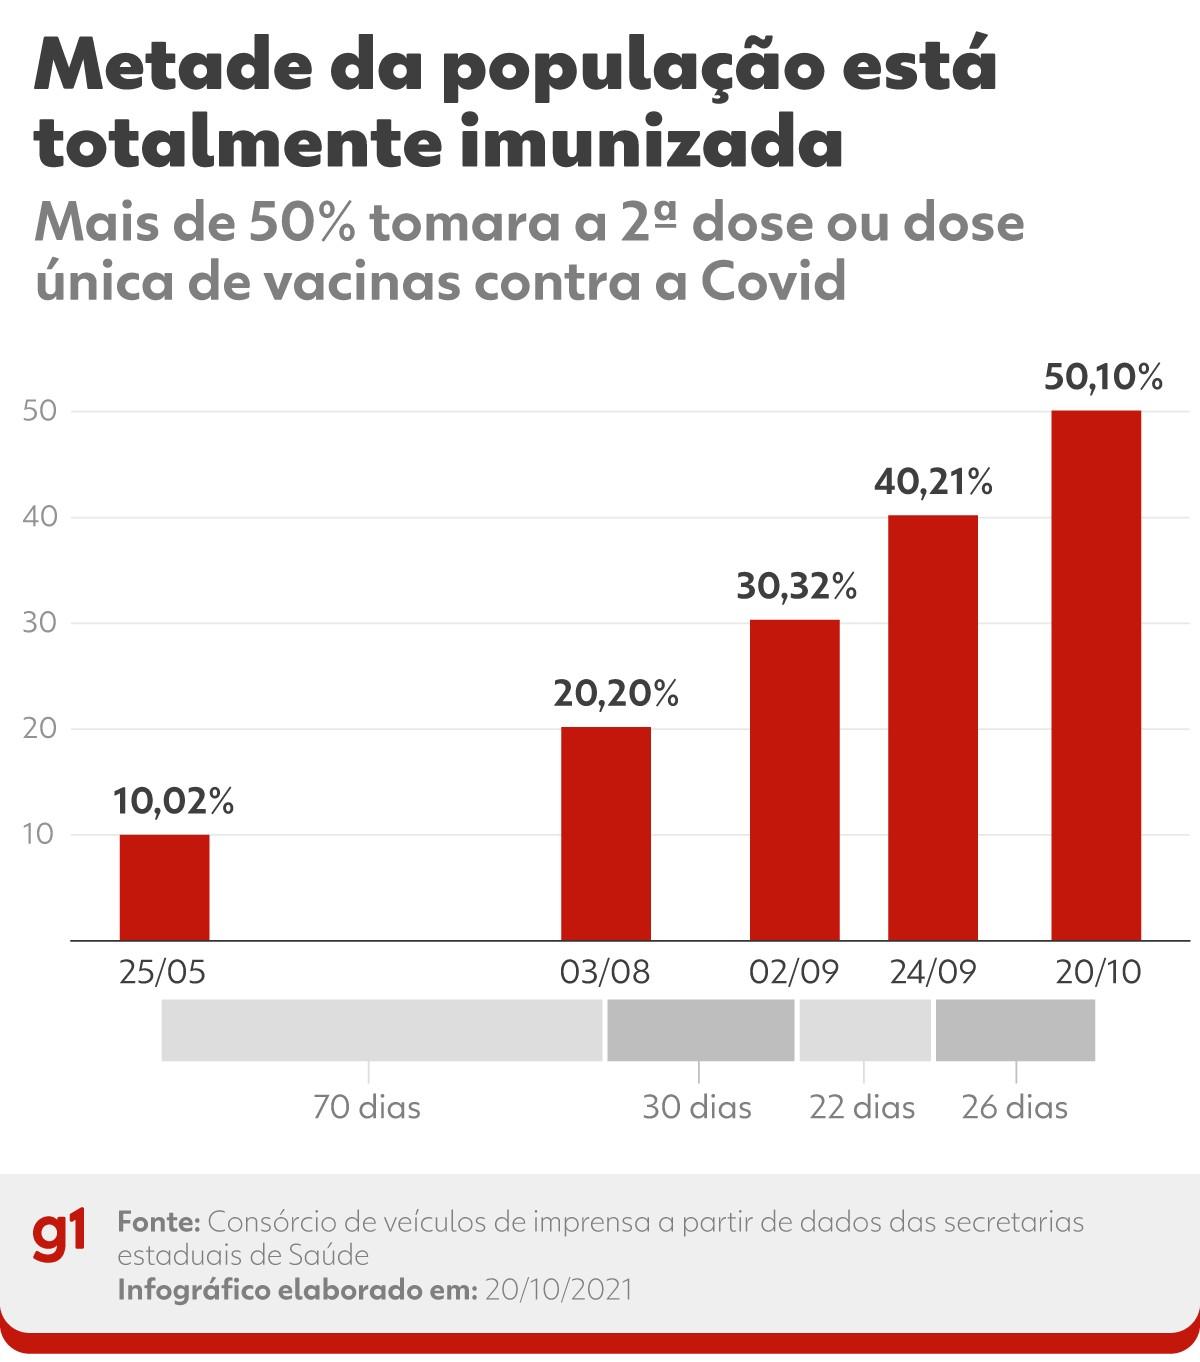 Vacinação contra a Covid: mais de 106 milhões de pessoas estão totalmente imunizadas, mais de 50% da população